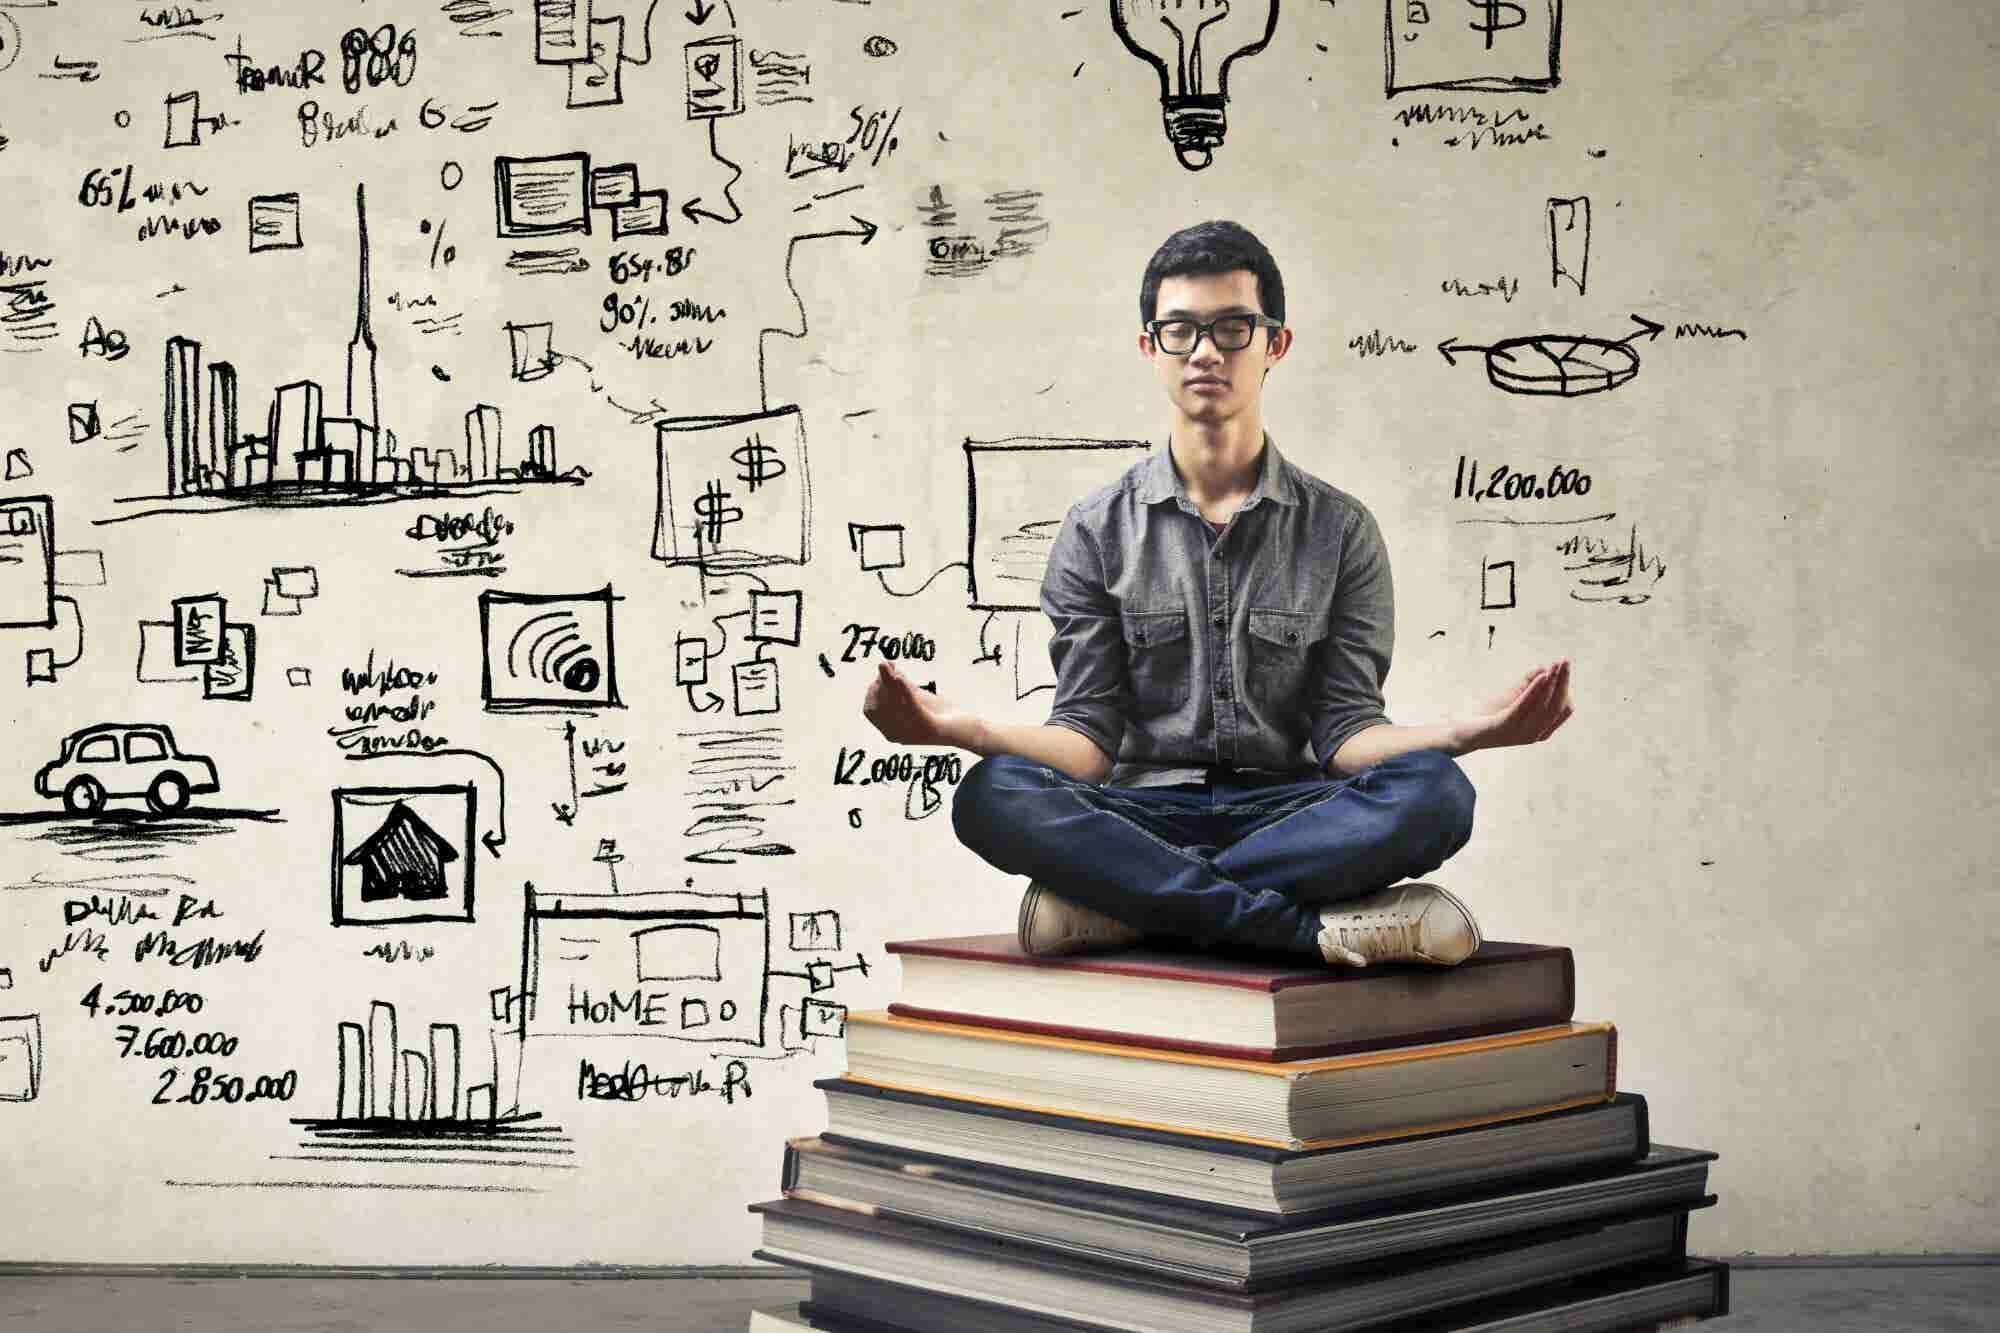 Los 5 hábitos que necesitas desarrollar para ser mentalmente más fuert...